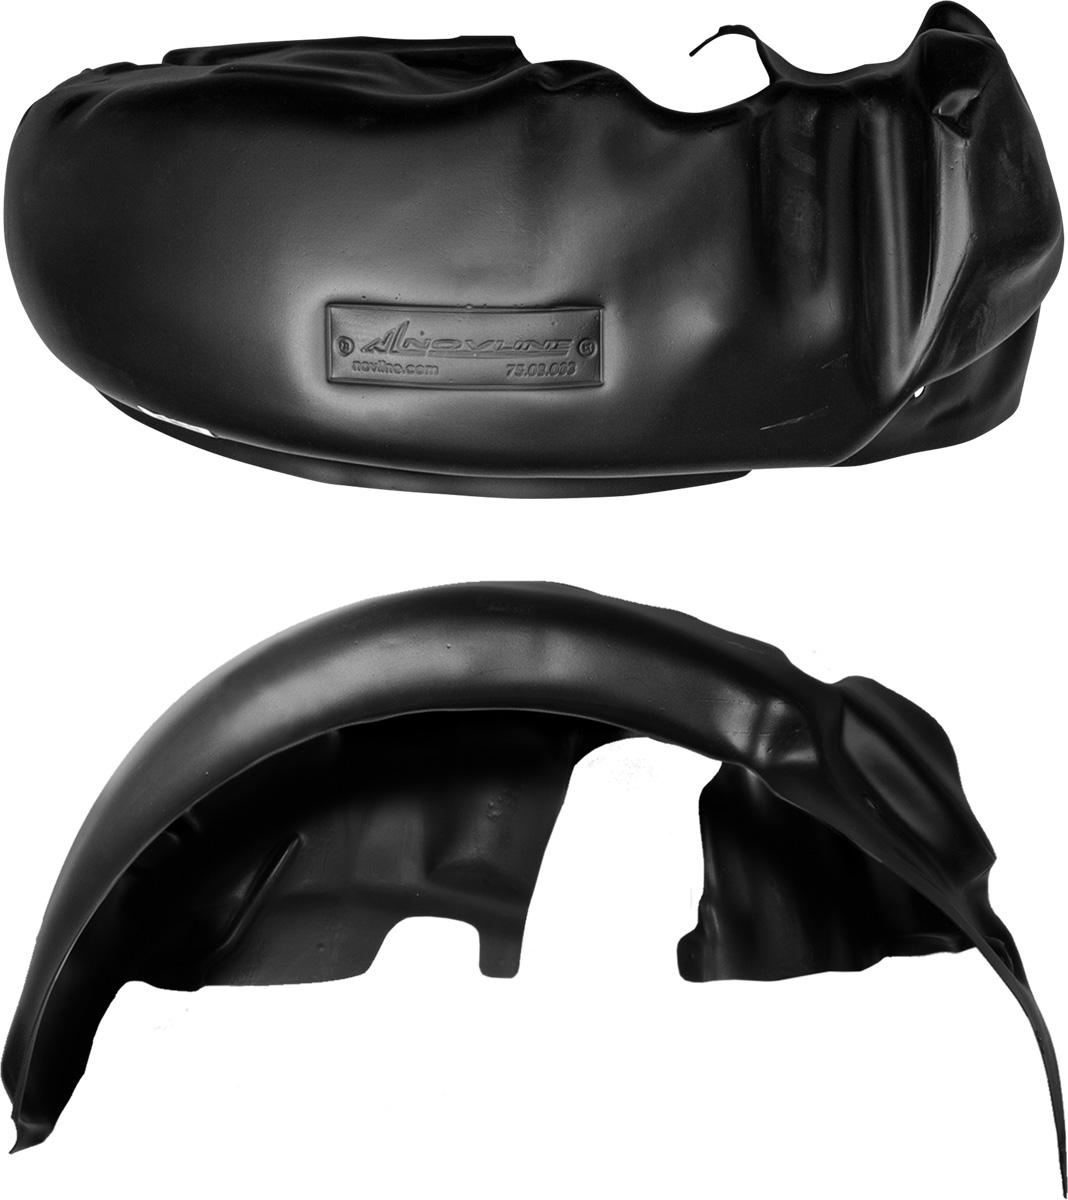 Подкрылок GREAT WALL Hover 2006-2010, задний левыйNLL.59.04.003Колесные ниши – одни из самых уязвимых зон днища вашего автомобиля. Они постоянно подвергаются воздействию со стороны дороги. Лучшая, почти абсолютная защита для них - специально отформованные пластиковые кожухи, которые называются подкрылками, или локерами. Производятся они как для отечественных моделей автомобилей, так и для иномарок. Подкрылки выполнены из высококачественного, экологически чистого пластика. Обеспечивают надежную защиту кузова автомобиля от пескоструйного эффекта и негативного влияния, агрессивных антигололедных реагентов. Пластик обладает более низкой теплопроводностью, чем металл, поэтому в зимний период эксплуатации использование пластиковых подкрылков позволяет лучше защитить колесные ниши от налипания снега и образования наледи. Оригинальность конструкции подчеркивает элегантность автомобиля, бережно защищает нанесенное на днище кузова антикоррозийное покрытие и позволяет осуществить крепление подкрылков внутри колесной арки практически без дополнительного крепежа и сверления, не нарушая при этом лакокрасочного покрытия, что предотвращает возникновение новых очагов коррозии. Технология крепления подкрылков на иномарки принципиально отличается от крепления на российские автомобили и разрабатывается индивидуально для каждой модели автомобиля. Подкрылки долговечны, обладают высокой прочностью и сохраняют заданную форму, а также все свои физико-механические характеристики в самых тяжелых климатических условиях ( от -50° С до + 50° С).